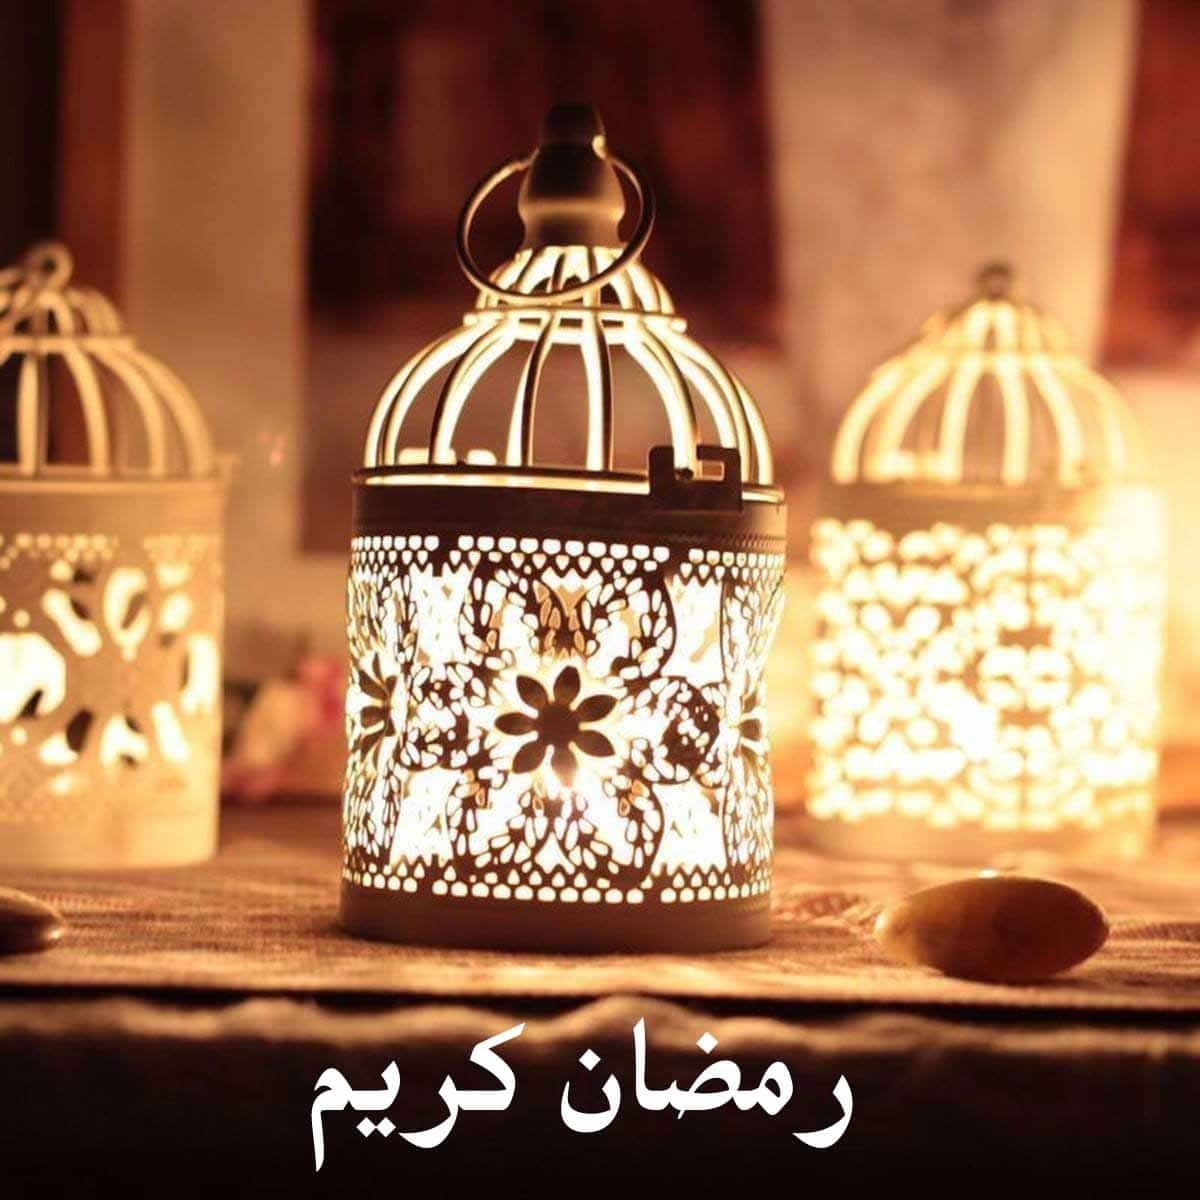 امساكية رمضان ٢٠٢١ في العراق